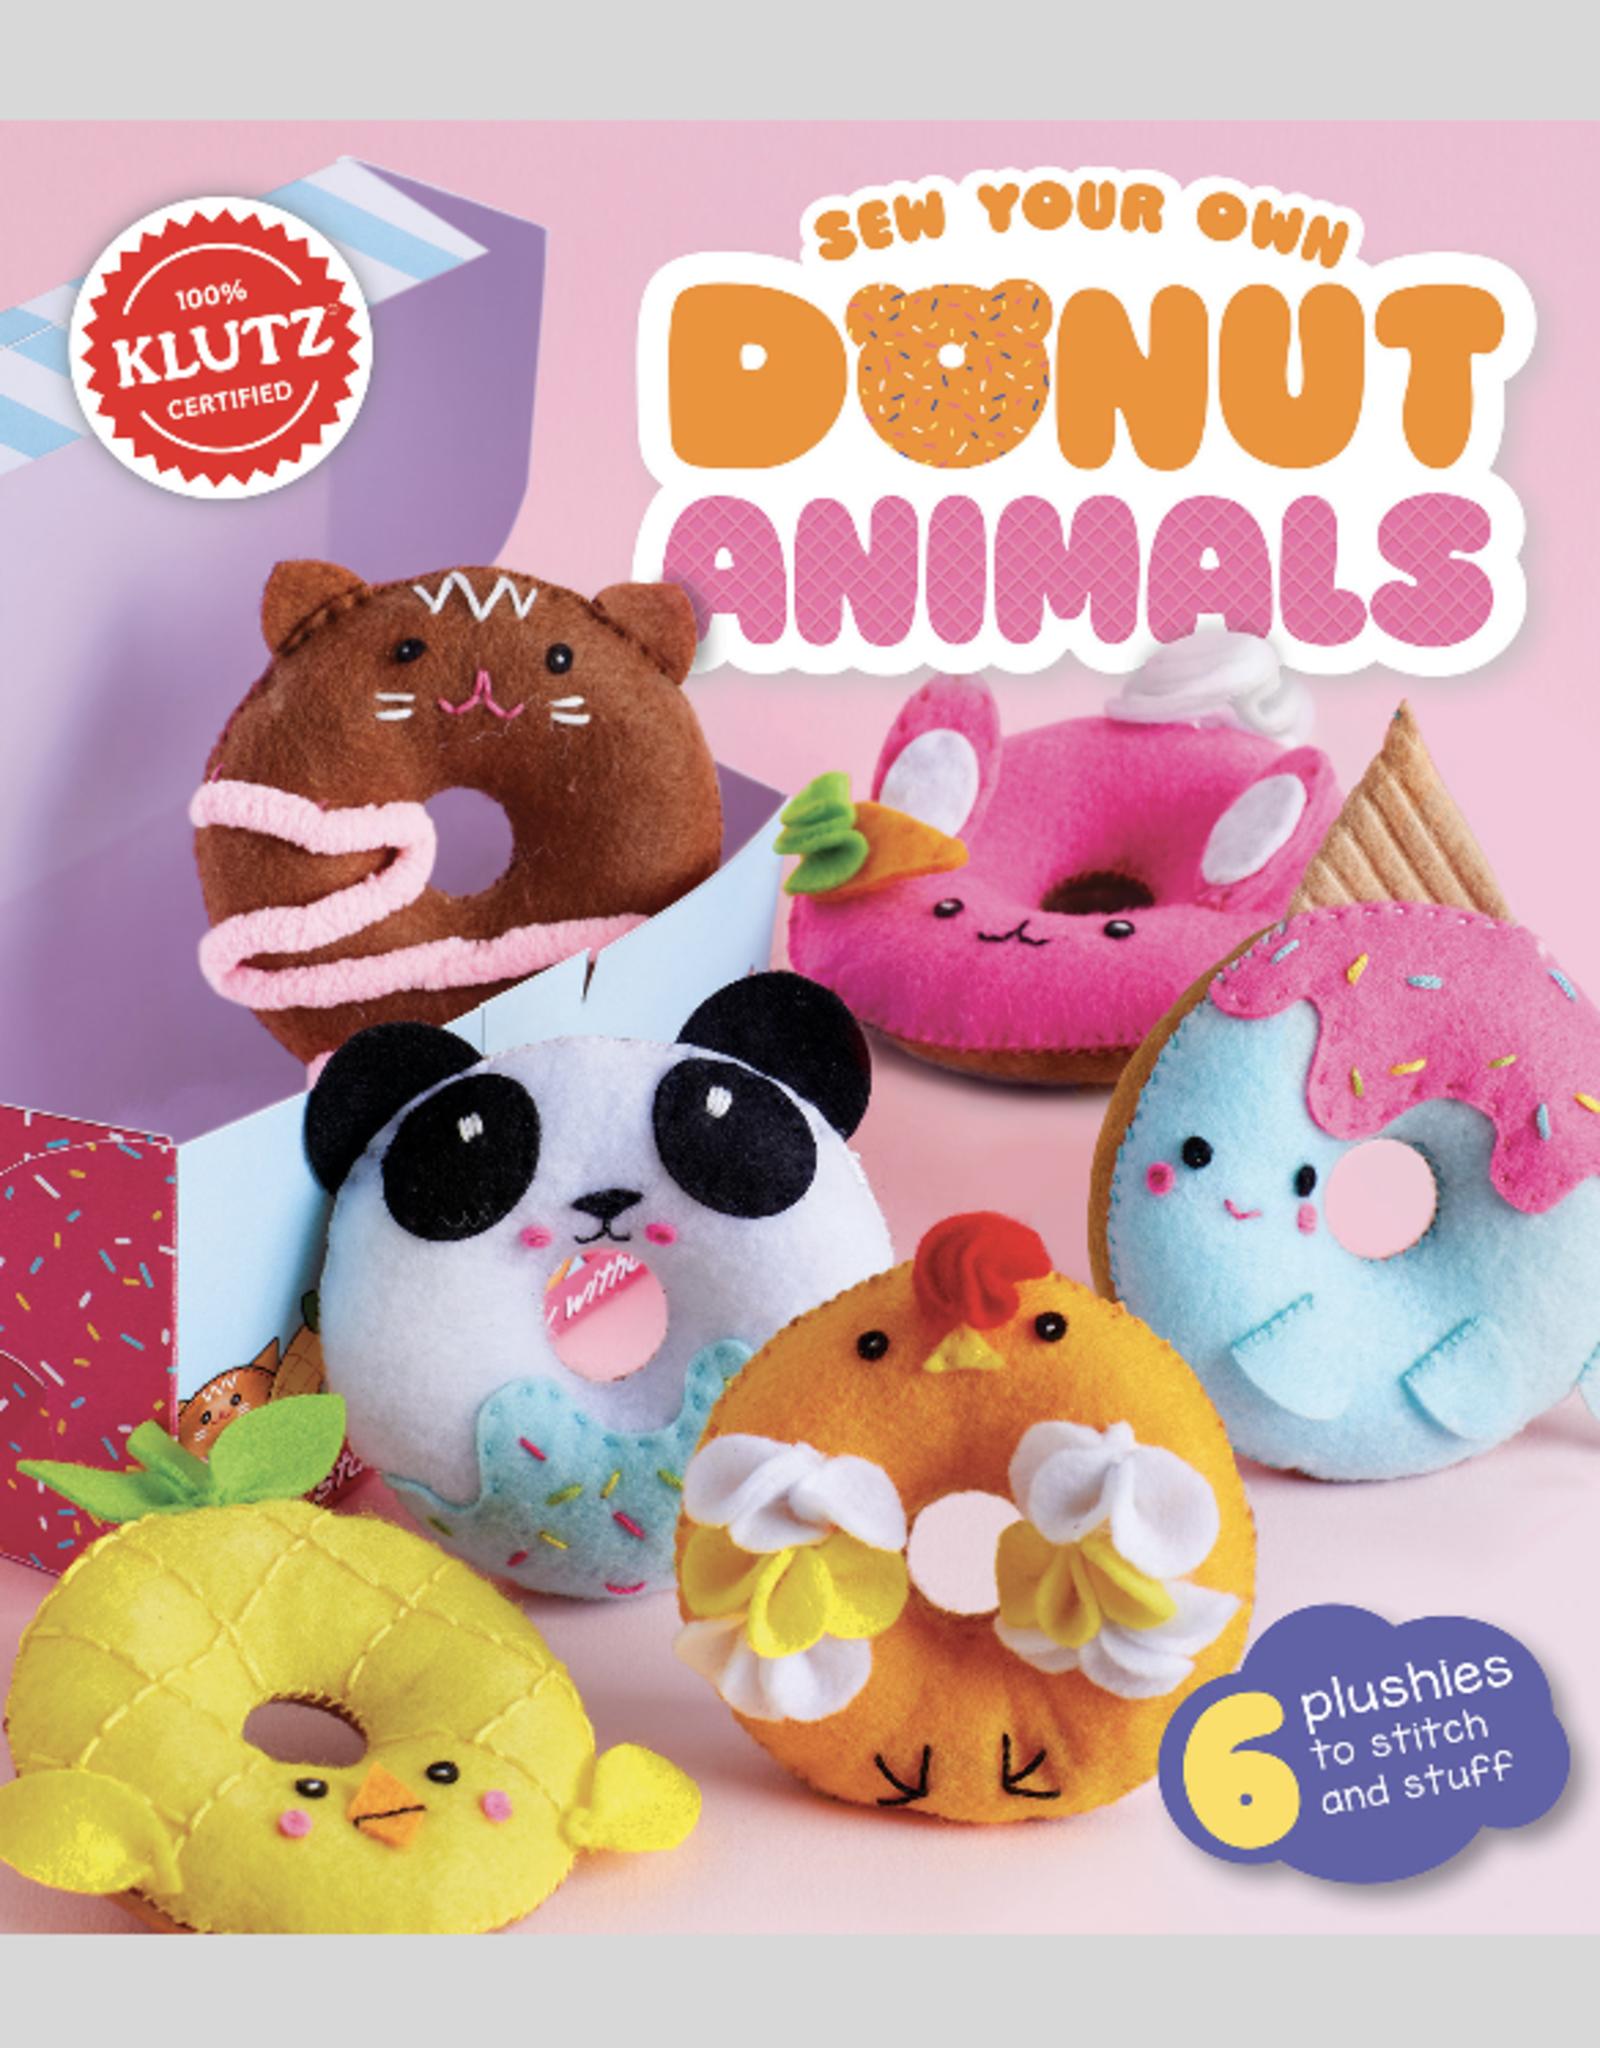 Klutz Sew Your Own Donut Animals